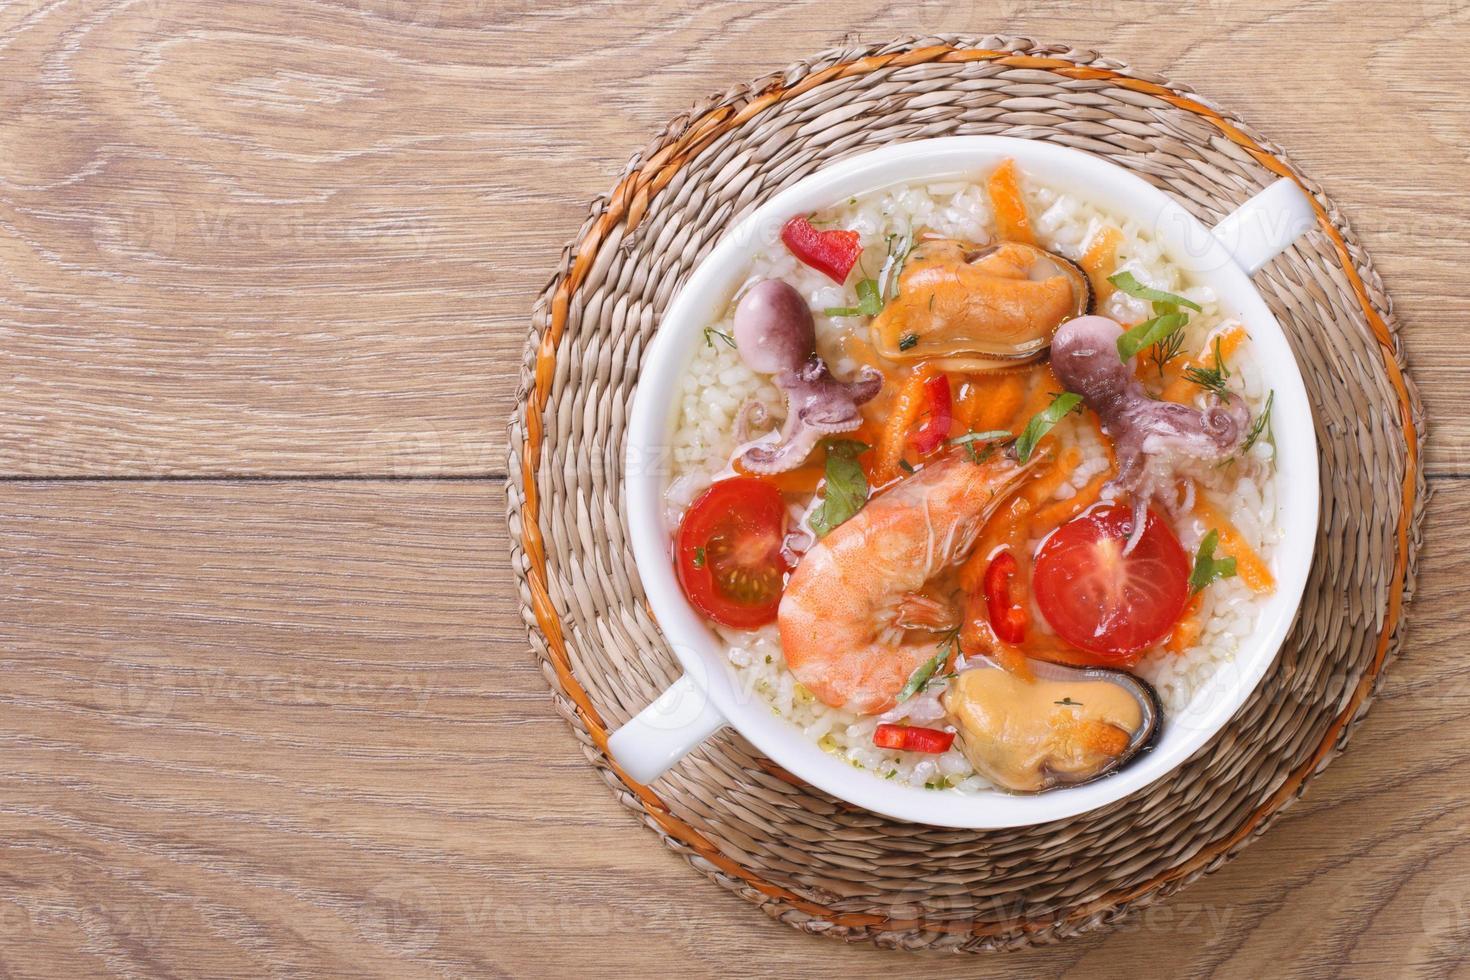 soupe de riz aux fruits de mer sur la table close-up top view photo